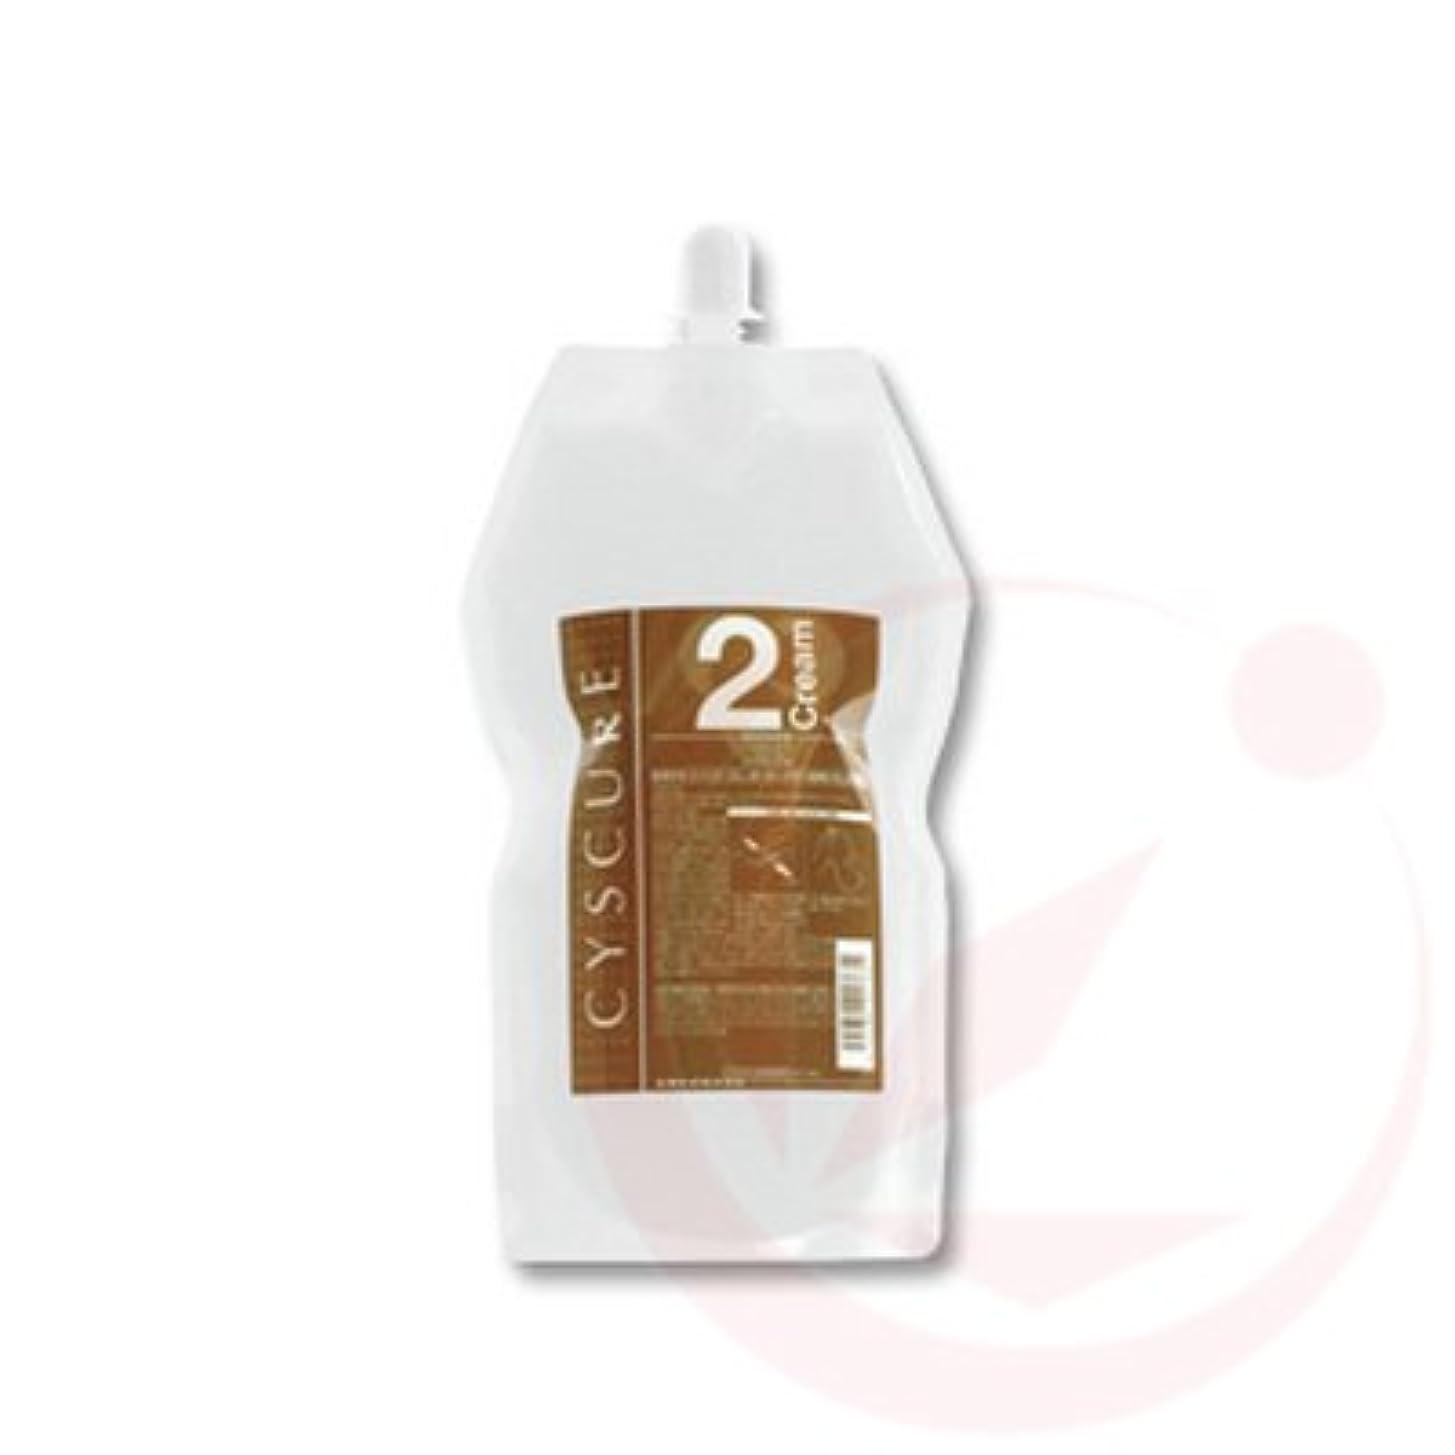 理由アイスクリーム純粋にタマリス シスキュア2クリーム 1000g (パーマ剤/2剤)